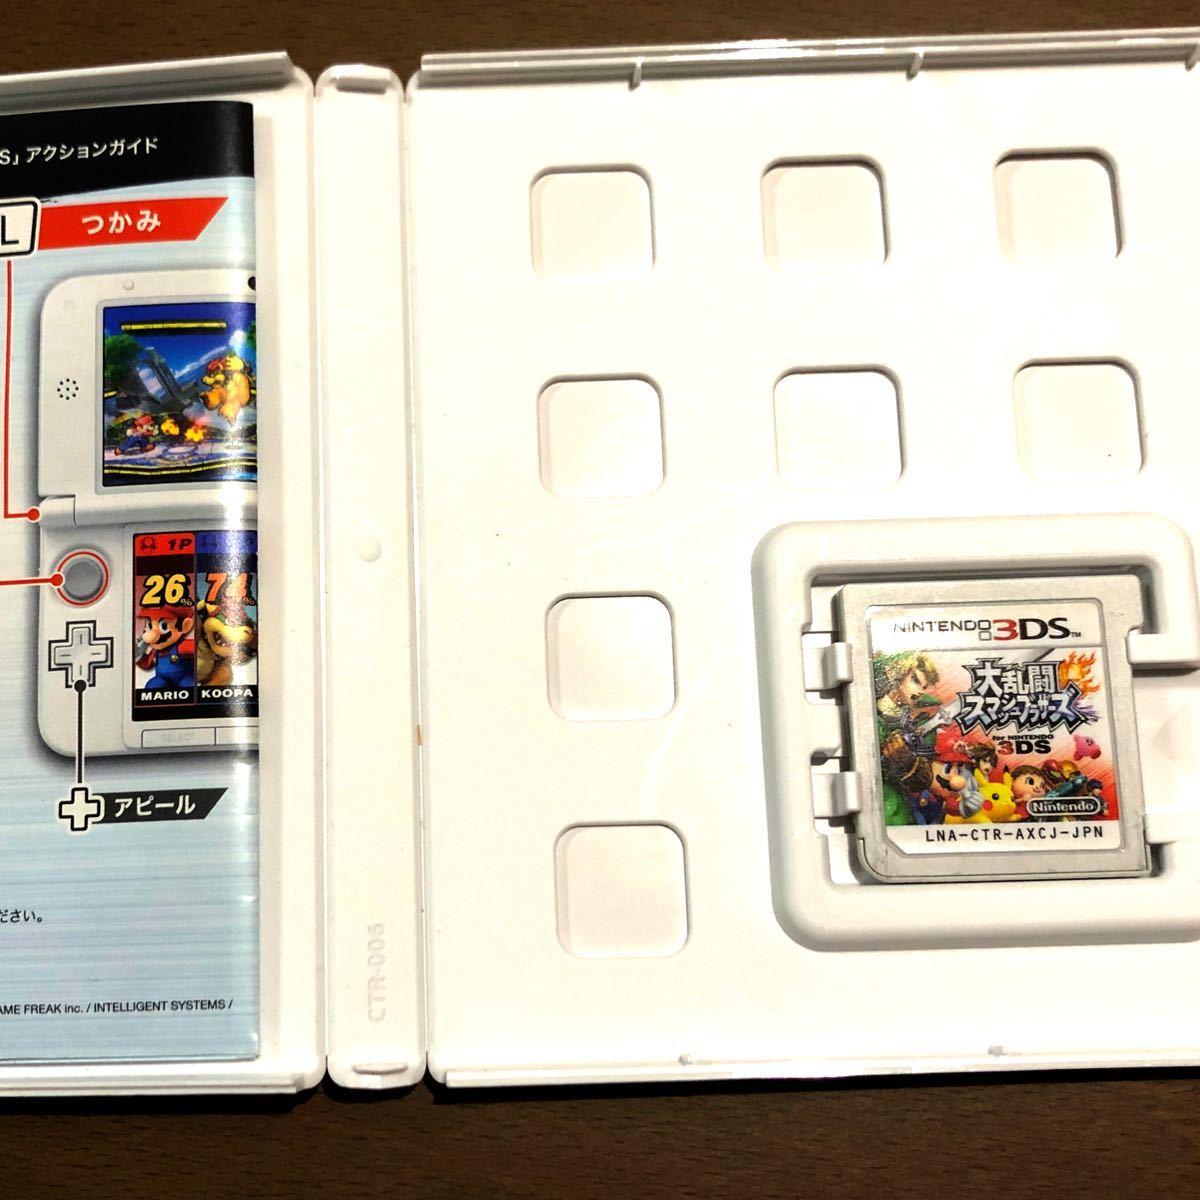 大乱闘スマッシュブラザーズ Nintendo 3DS スマブラ 大乱闘スマッシュブラザーズ3DS